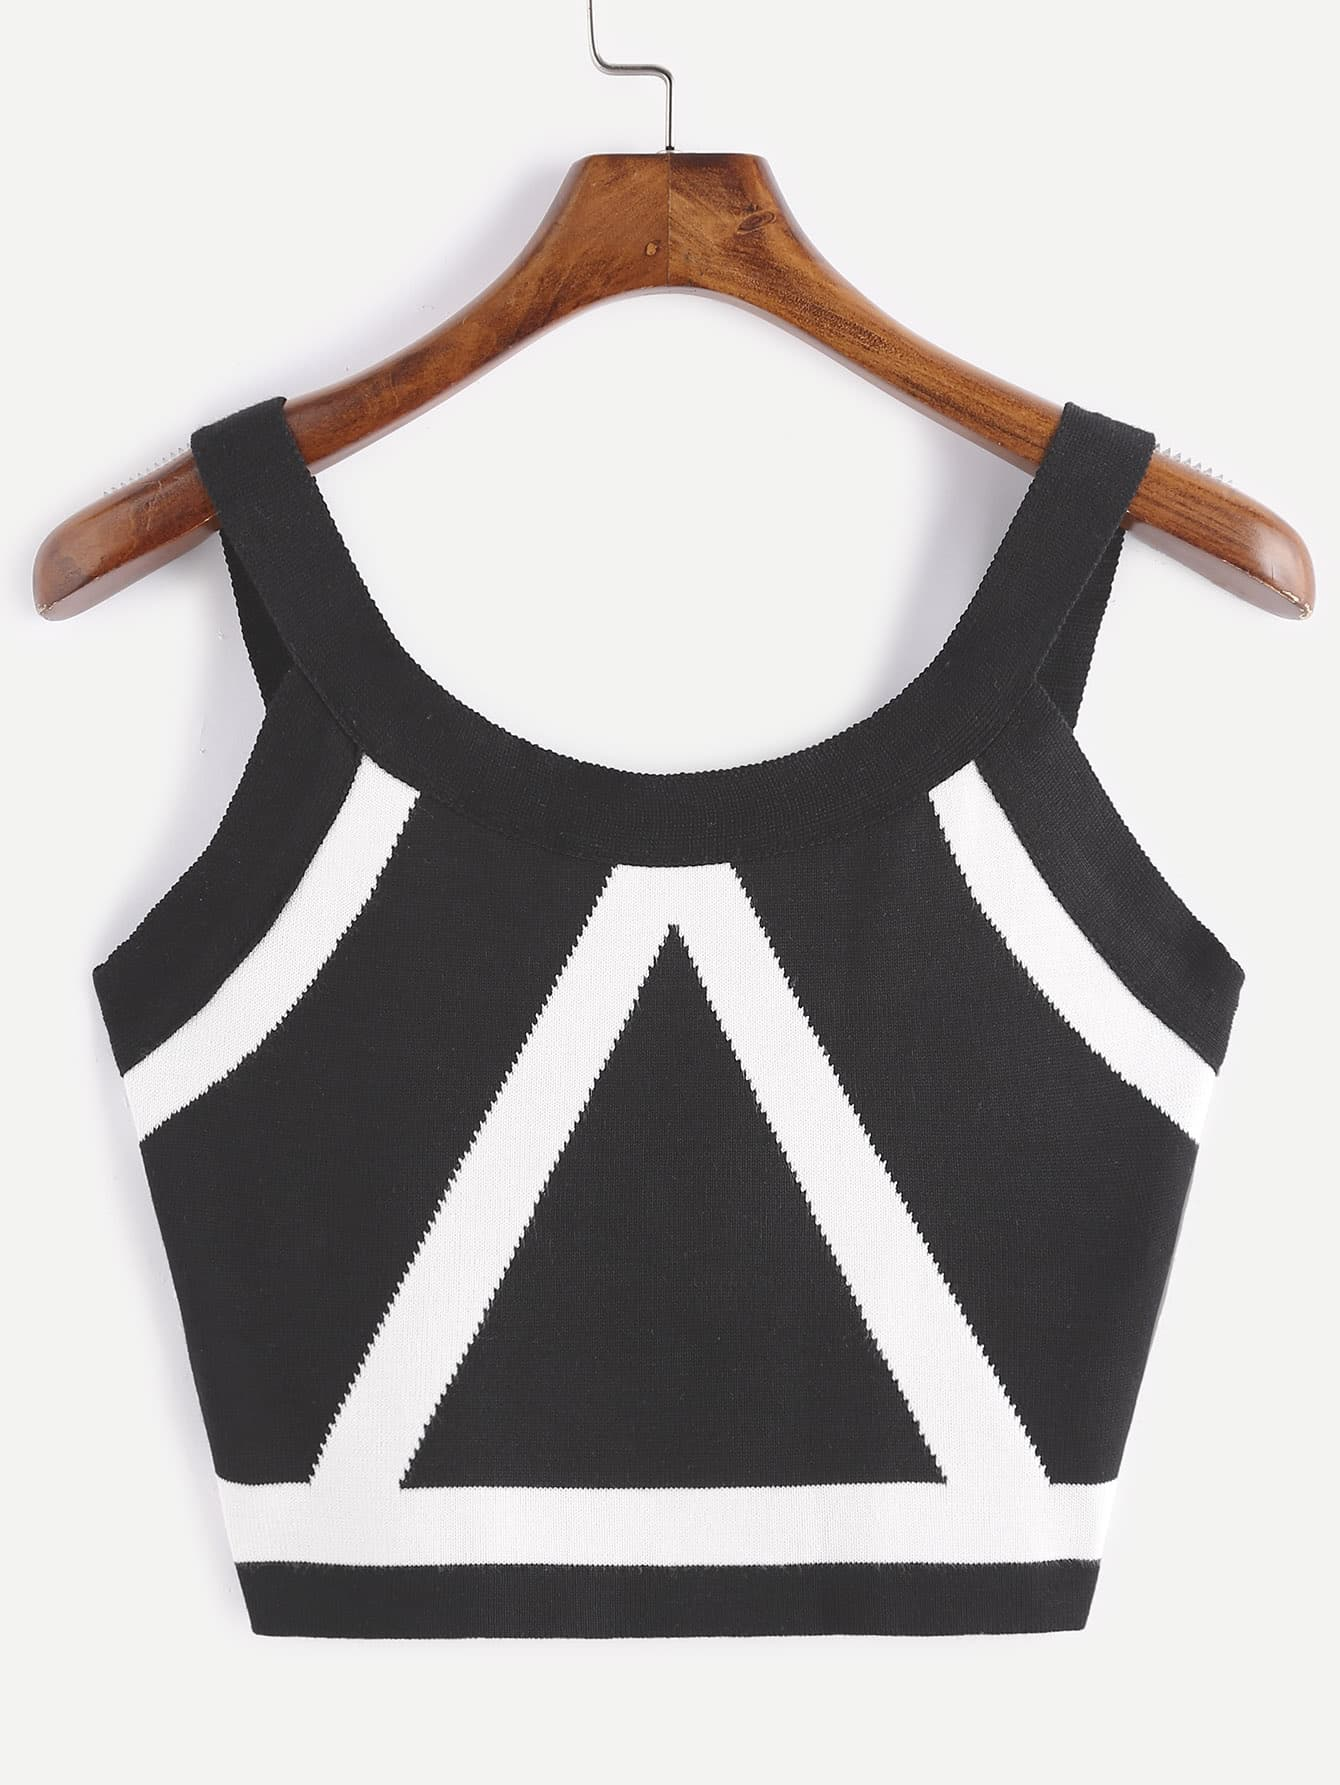 Contrast Trim Crop Knit Tank Top vest161228101